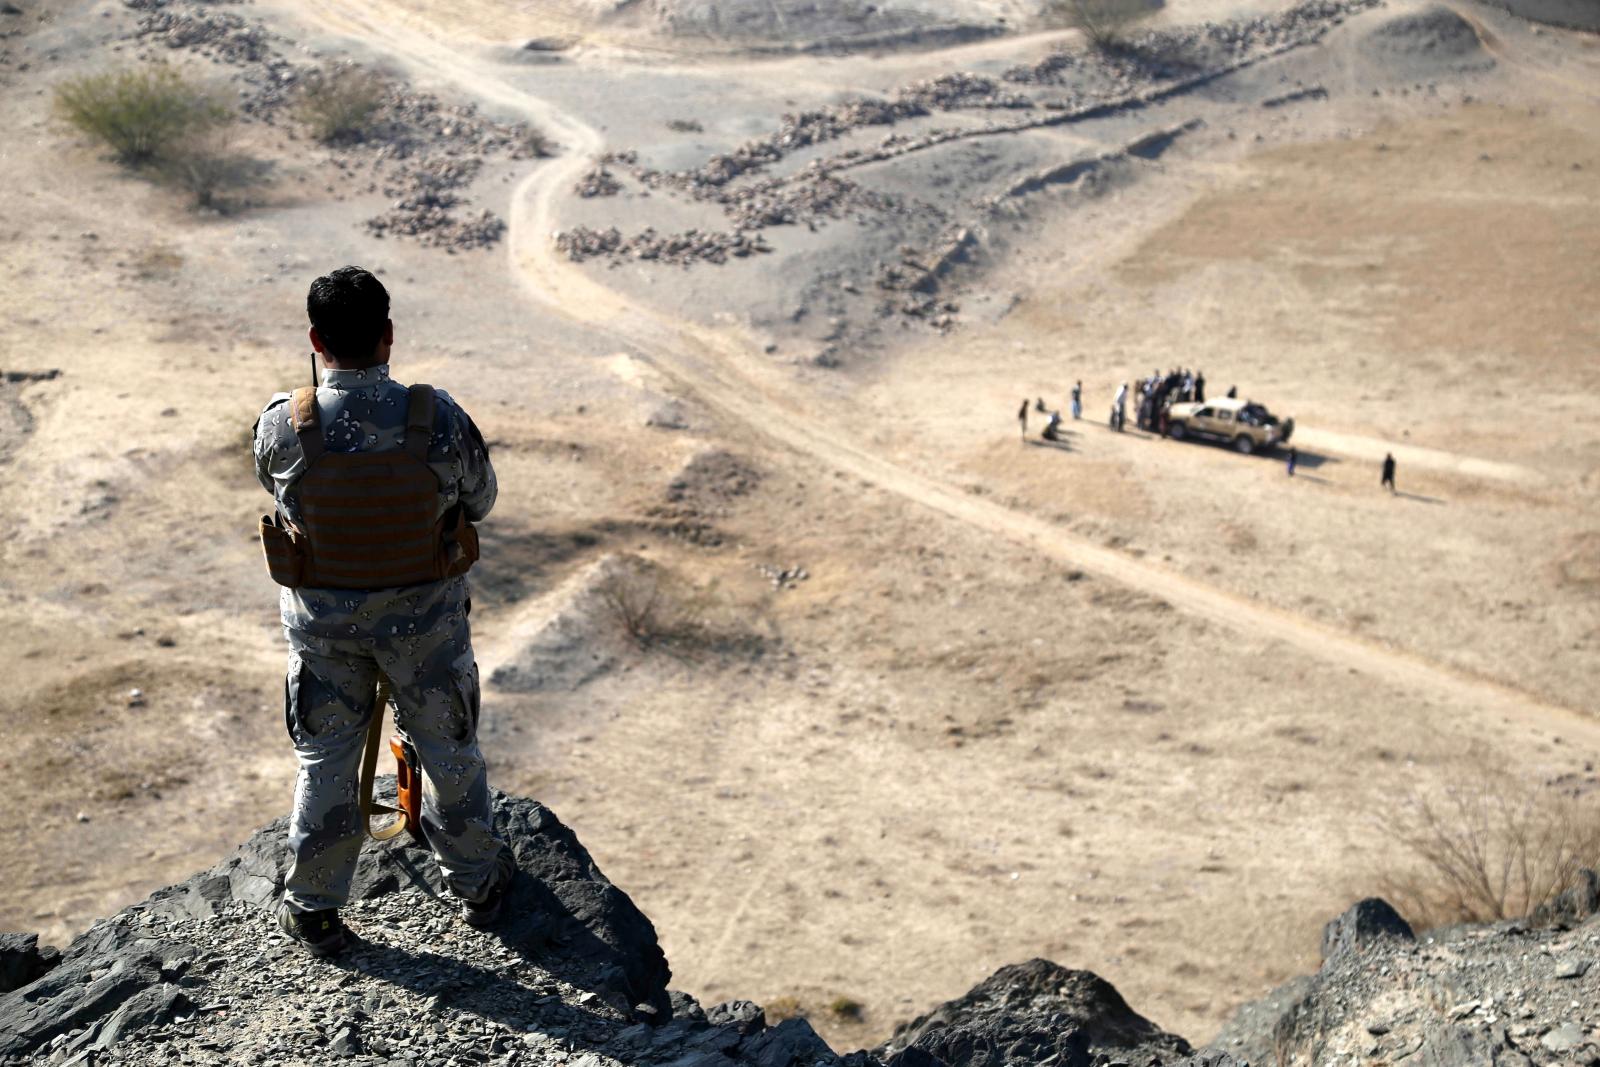 Afganistan. fot. EPA/GHULAMULLAH HABIBI